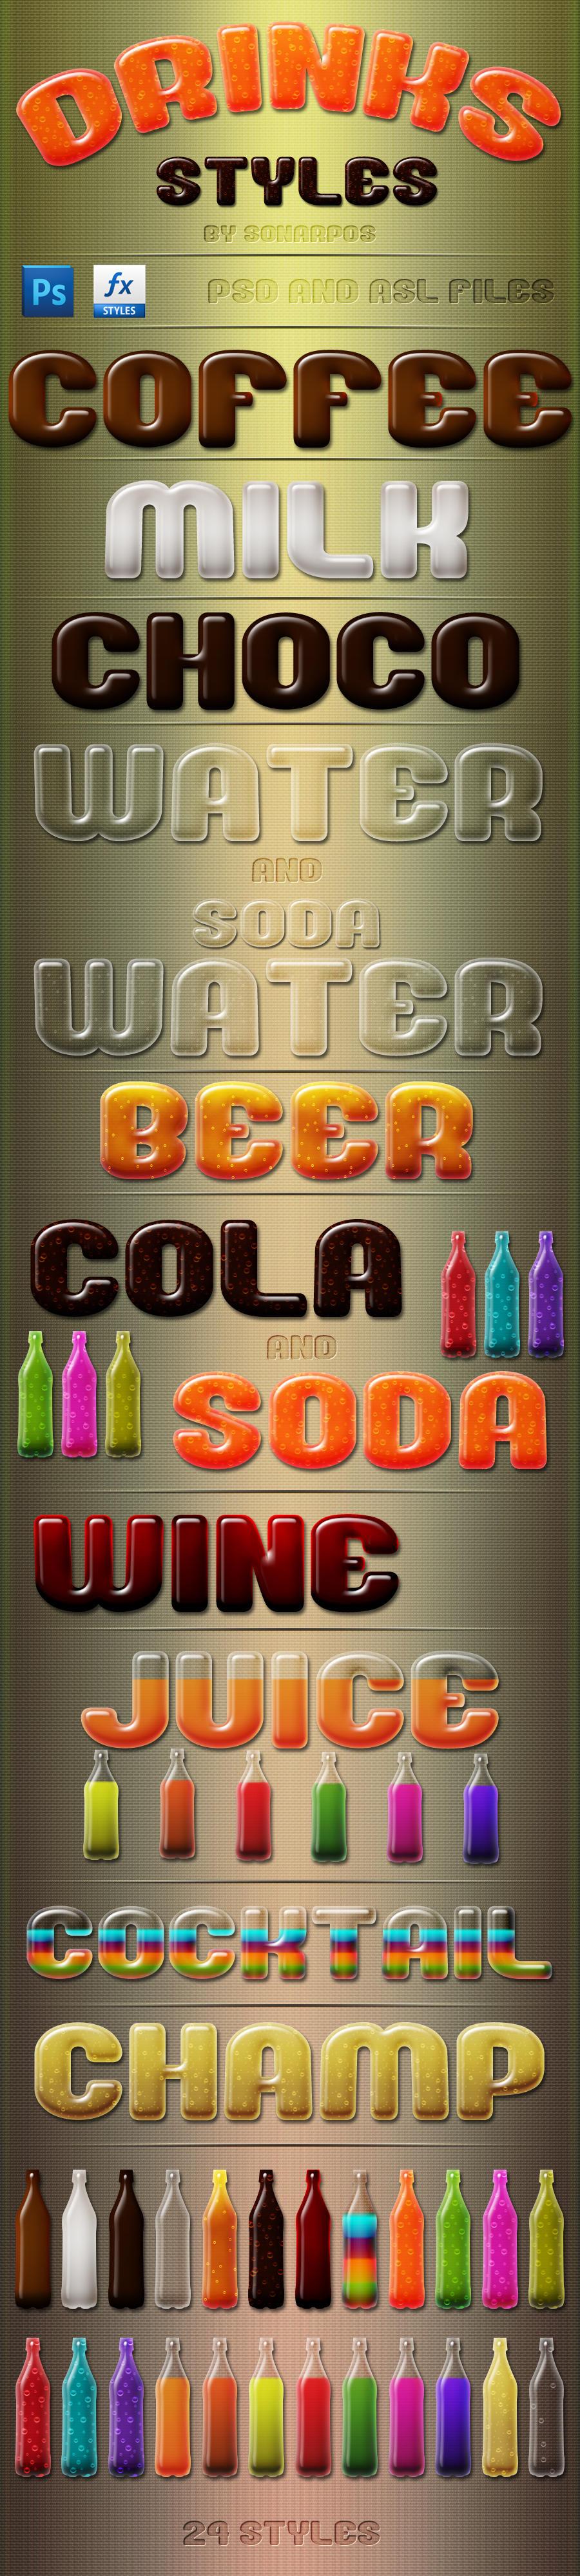 http://fc08.deviantart.net/fs71/i/2012/067/e/f/drinks_styles_by_sonarpos-d4s4jo4.jpg